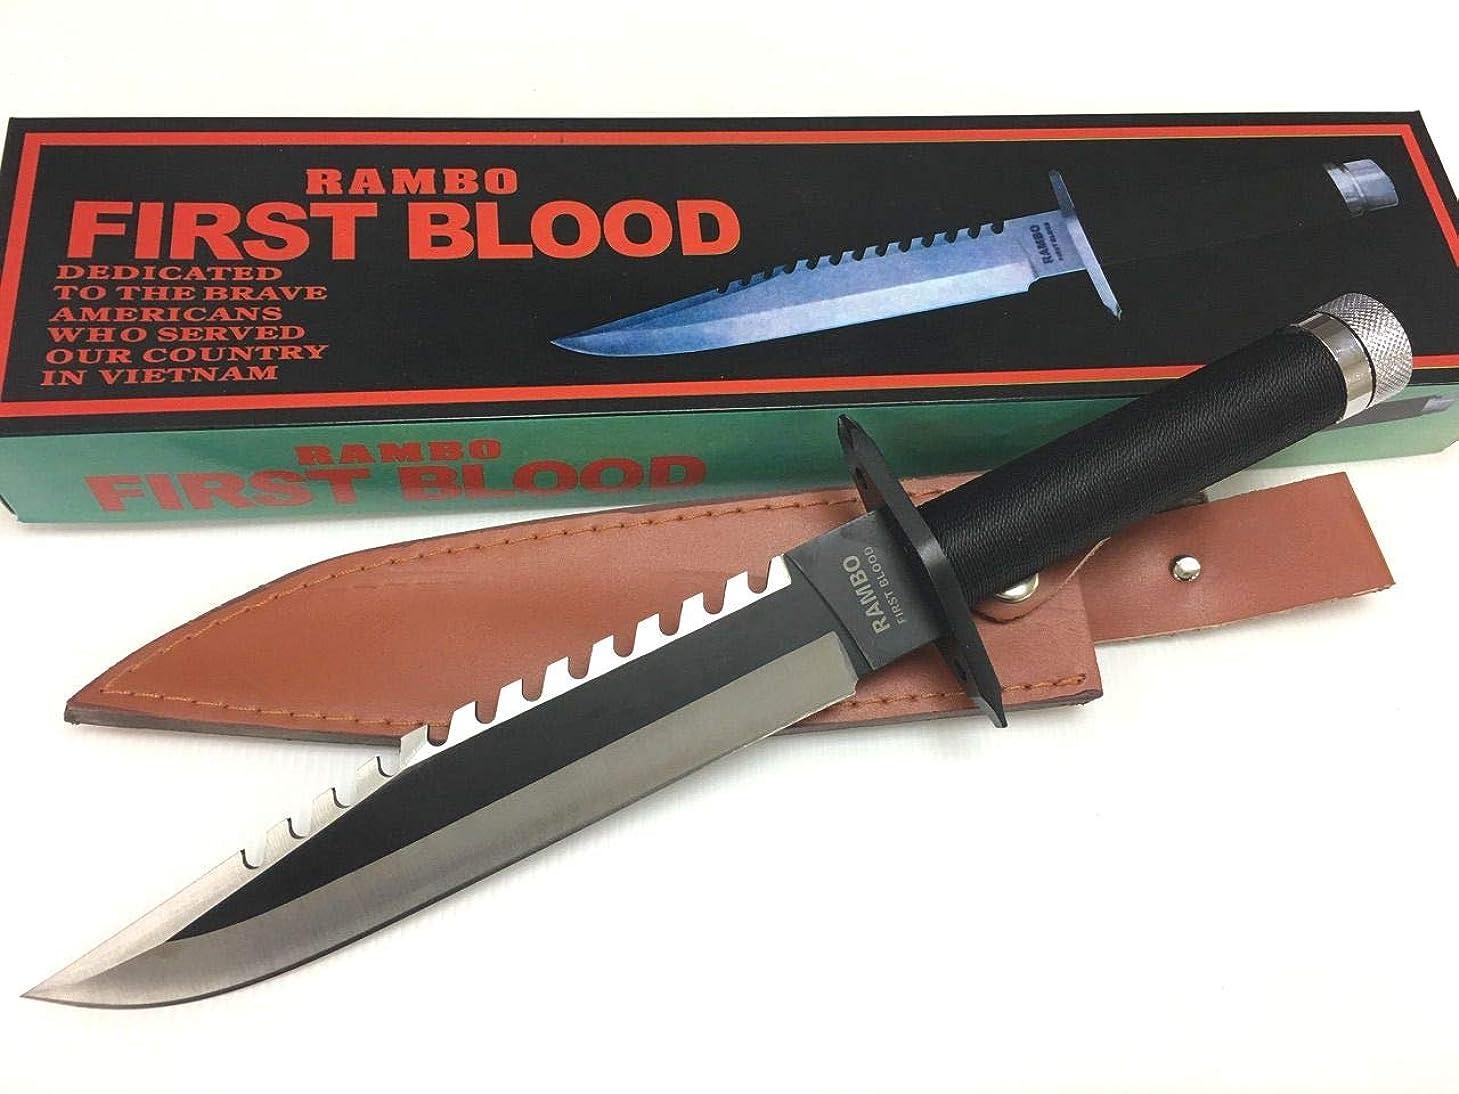 お願いします囲まれたメンタリティRAMBO1 ランボー1 サバイバルナイフ 極厚ブレード RAMBO FIRST BLOOD フィッシング ハンティング